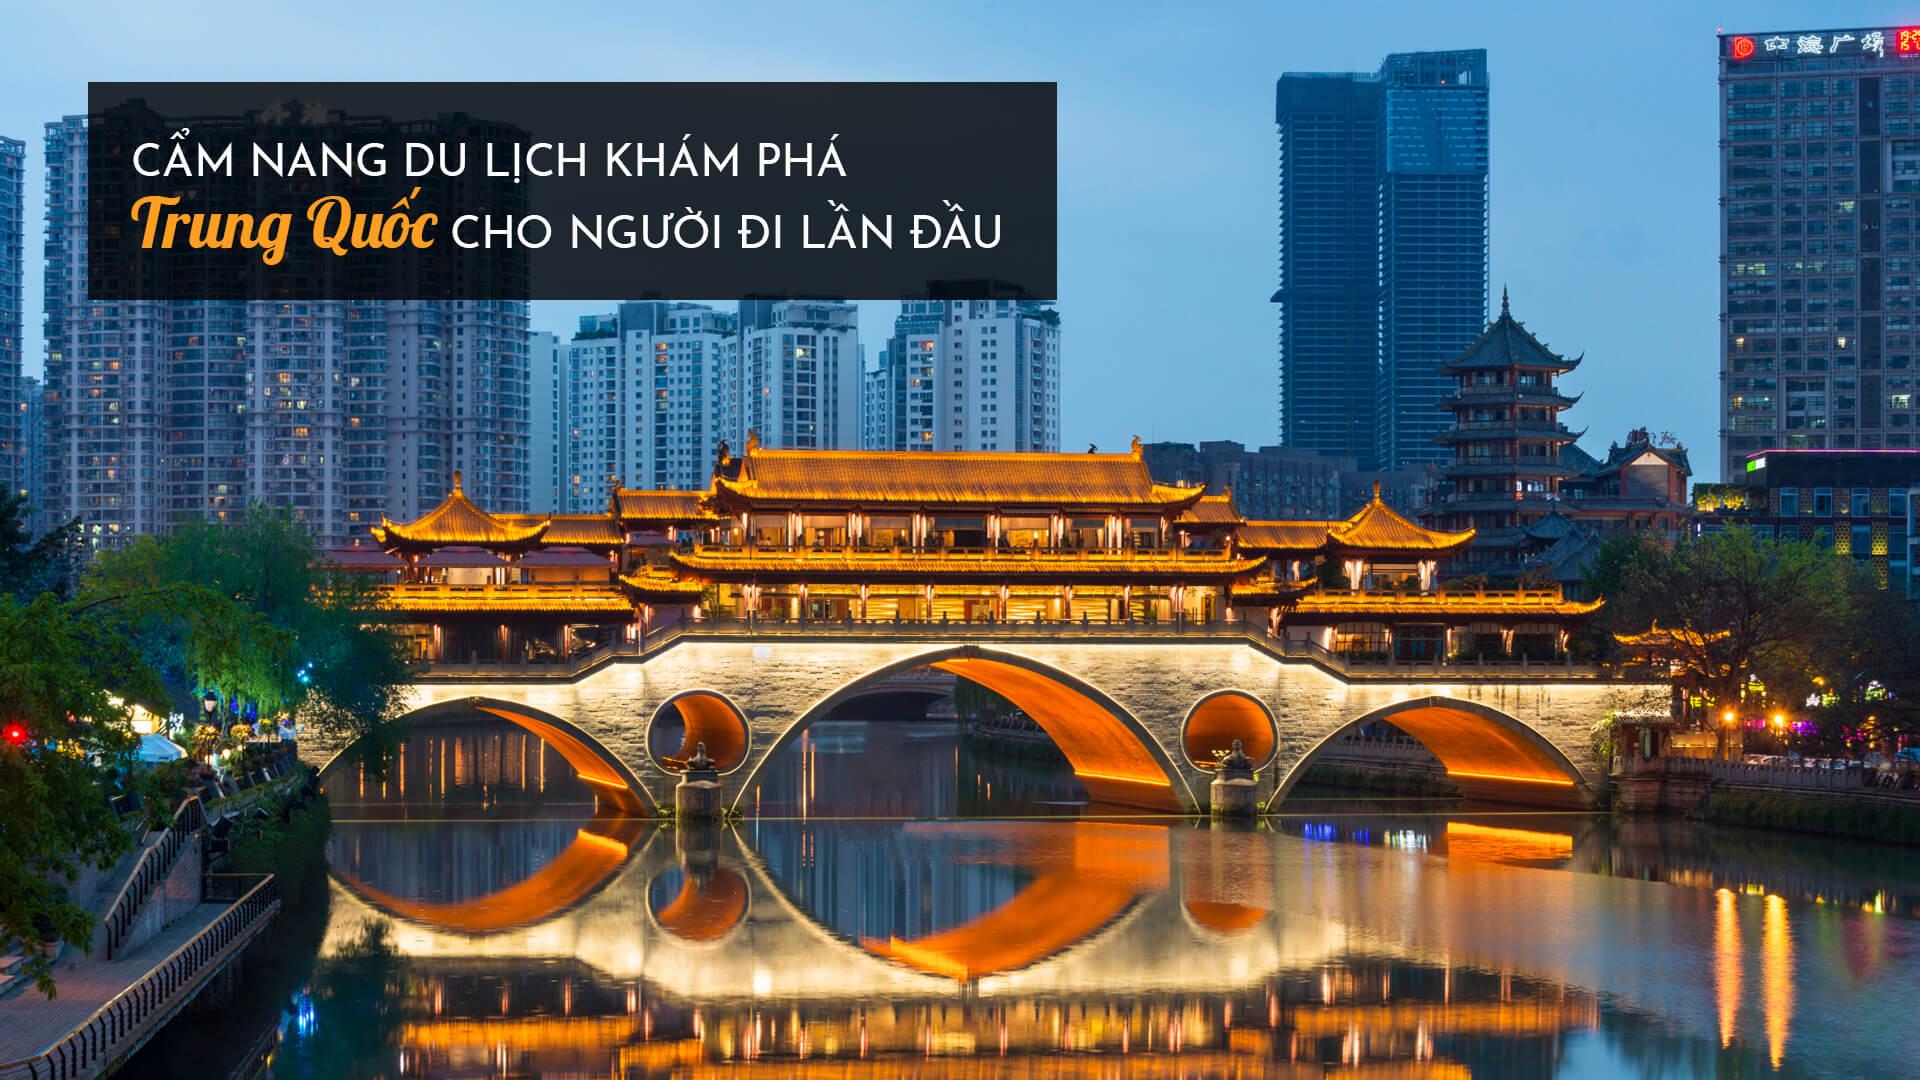 Cẩm nang du lịch khám phá Trung Quốc cho người đi lần đầu